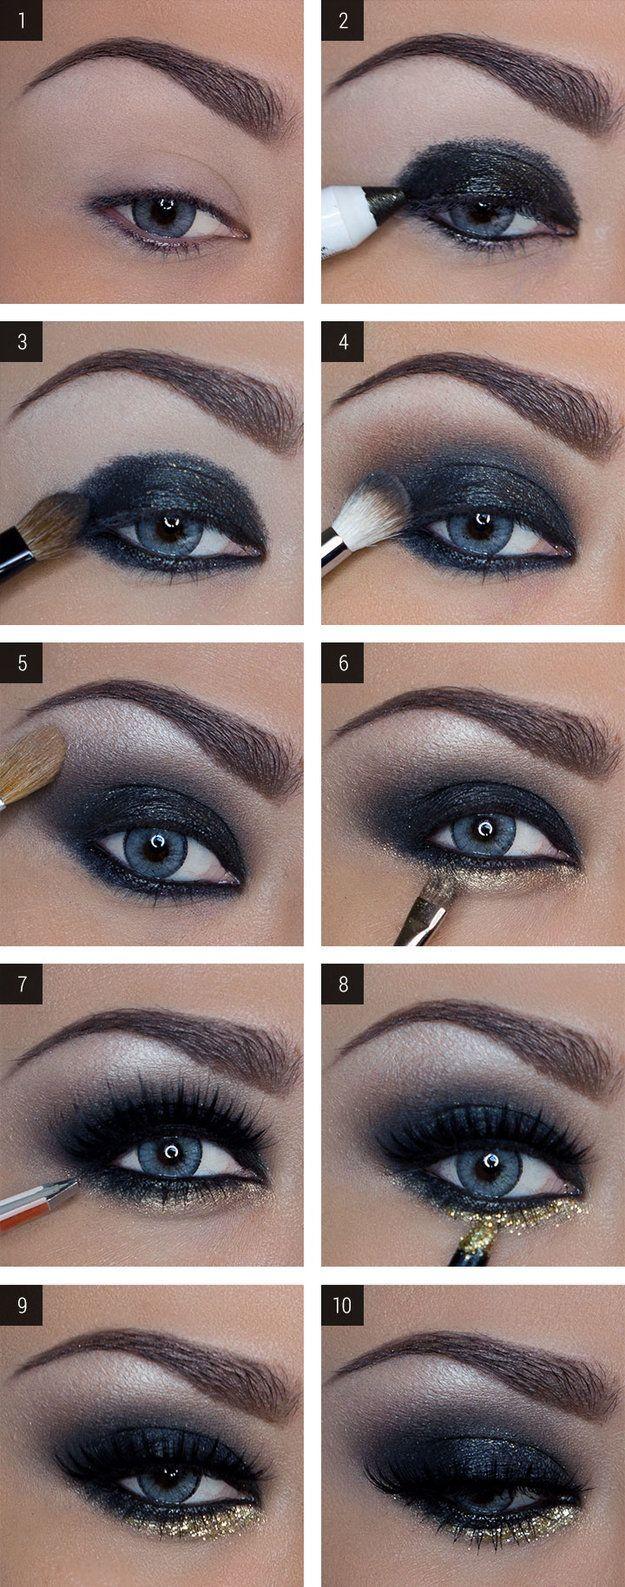 How To Do Dramatic Dark Eye Makeup Saubhaya Makeup